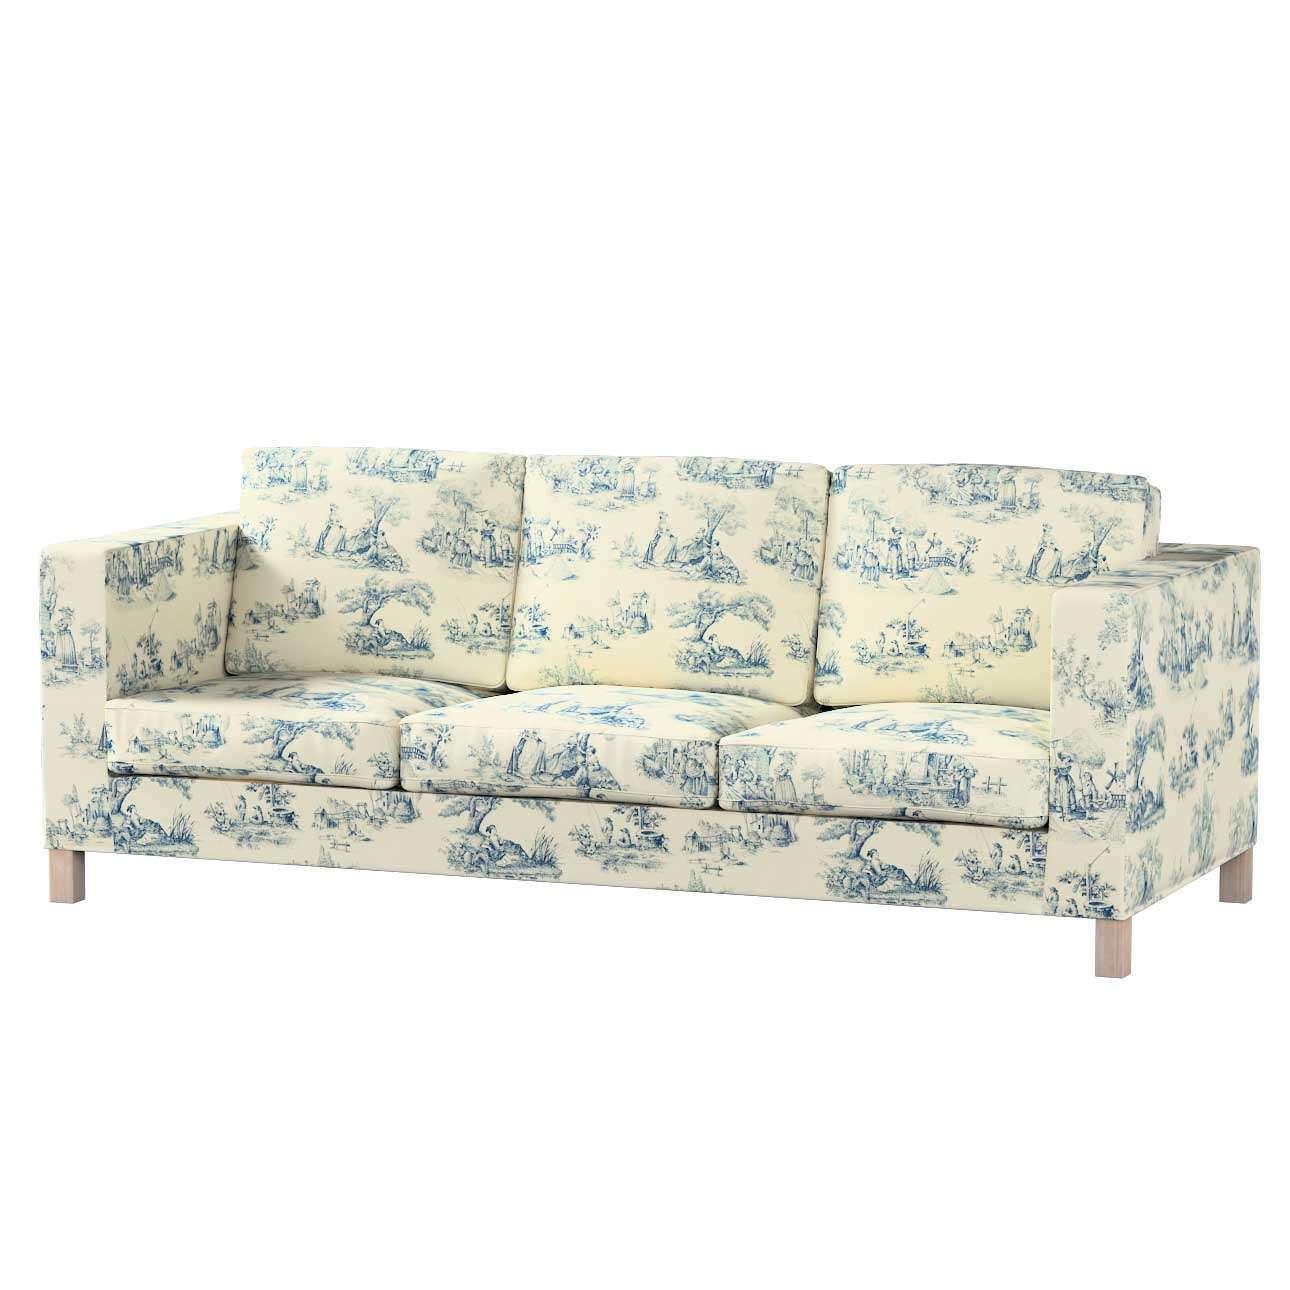 Pokrowiec na sofę Karlanda 3-osobową nierozkładaną, krótki Sofa Karlanda 3-os w kolekcji Avinon, tkanina: 132-66